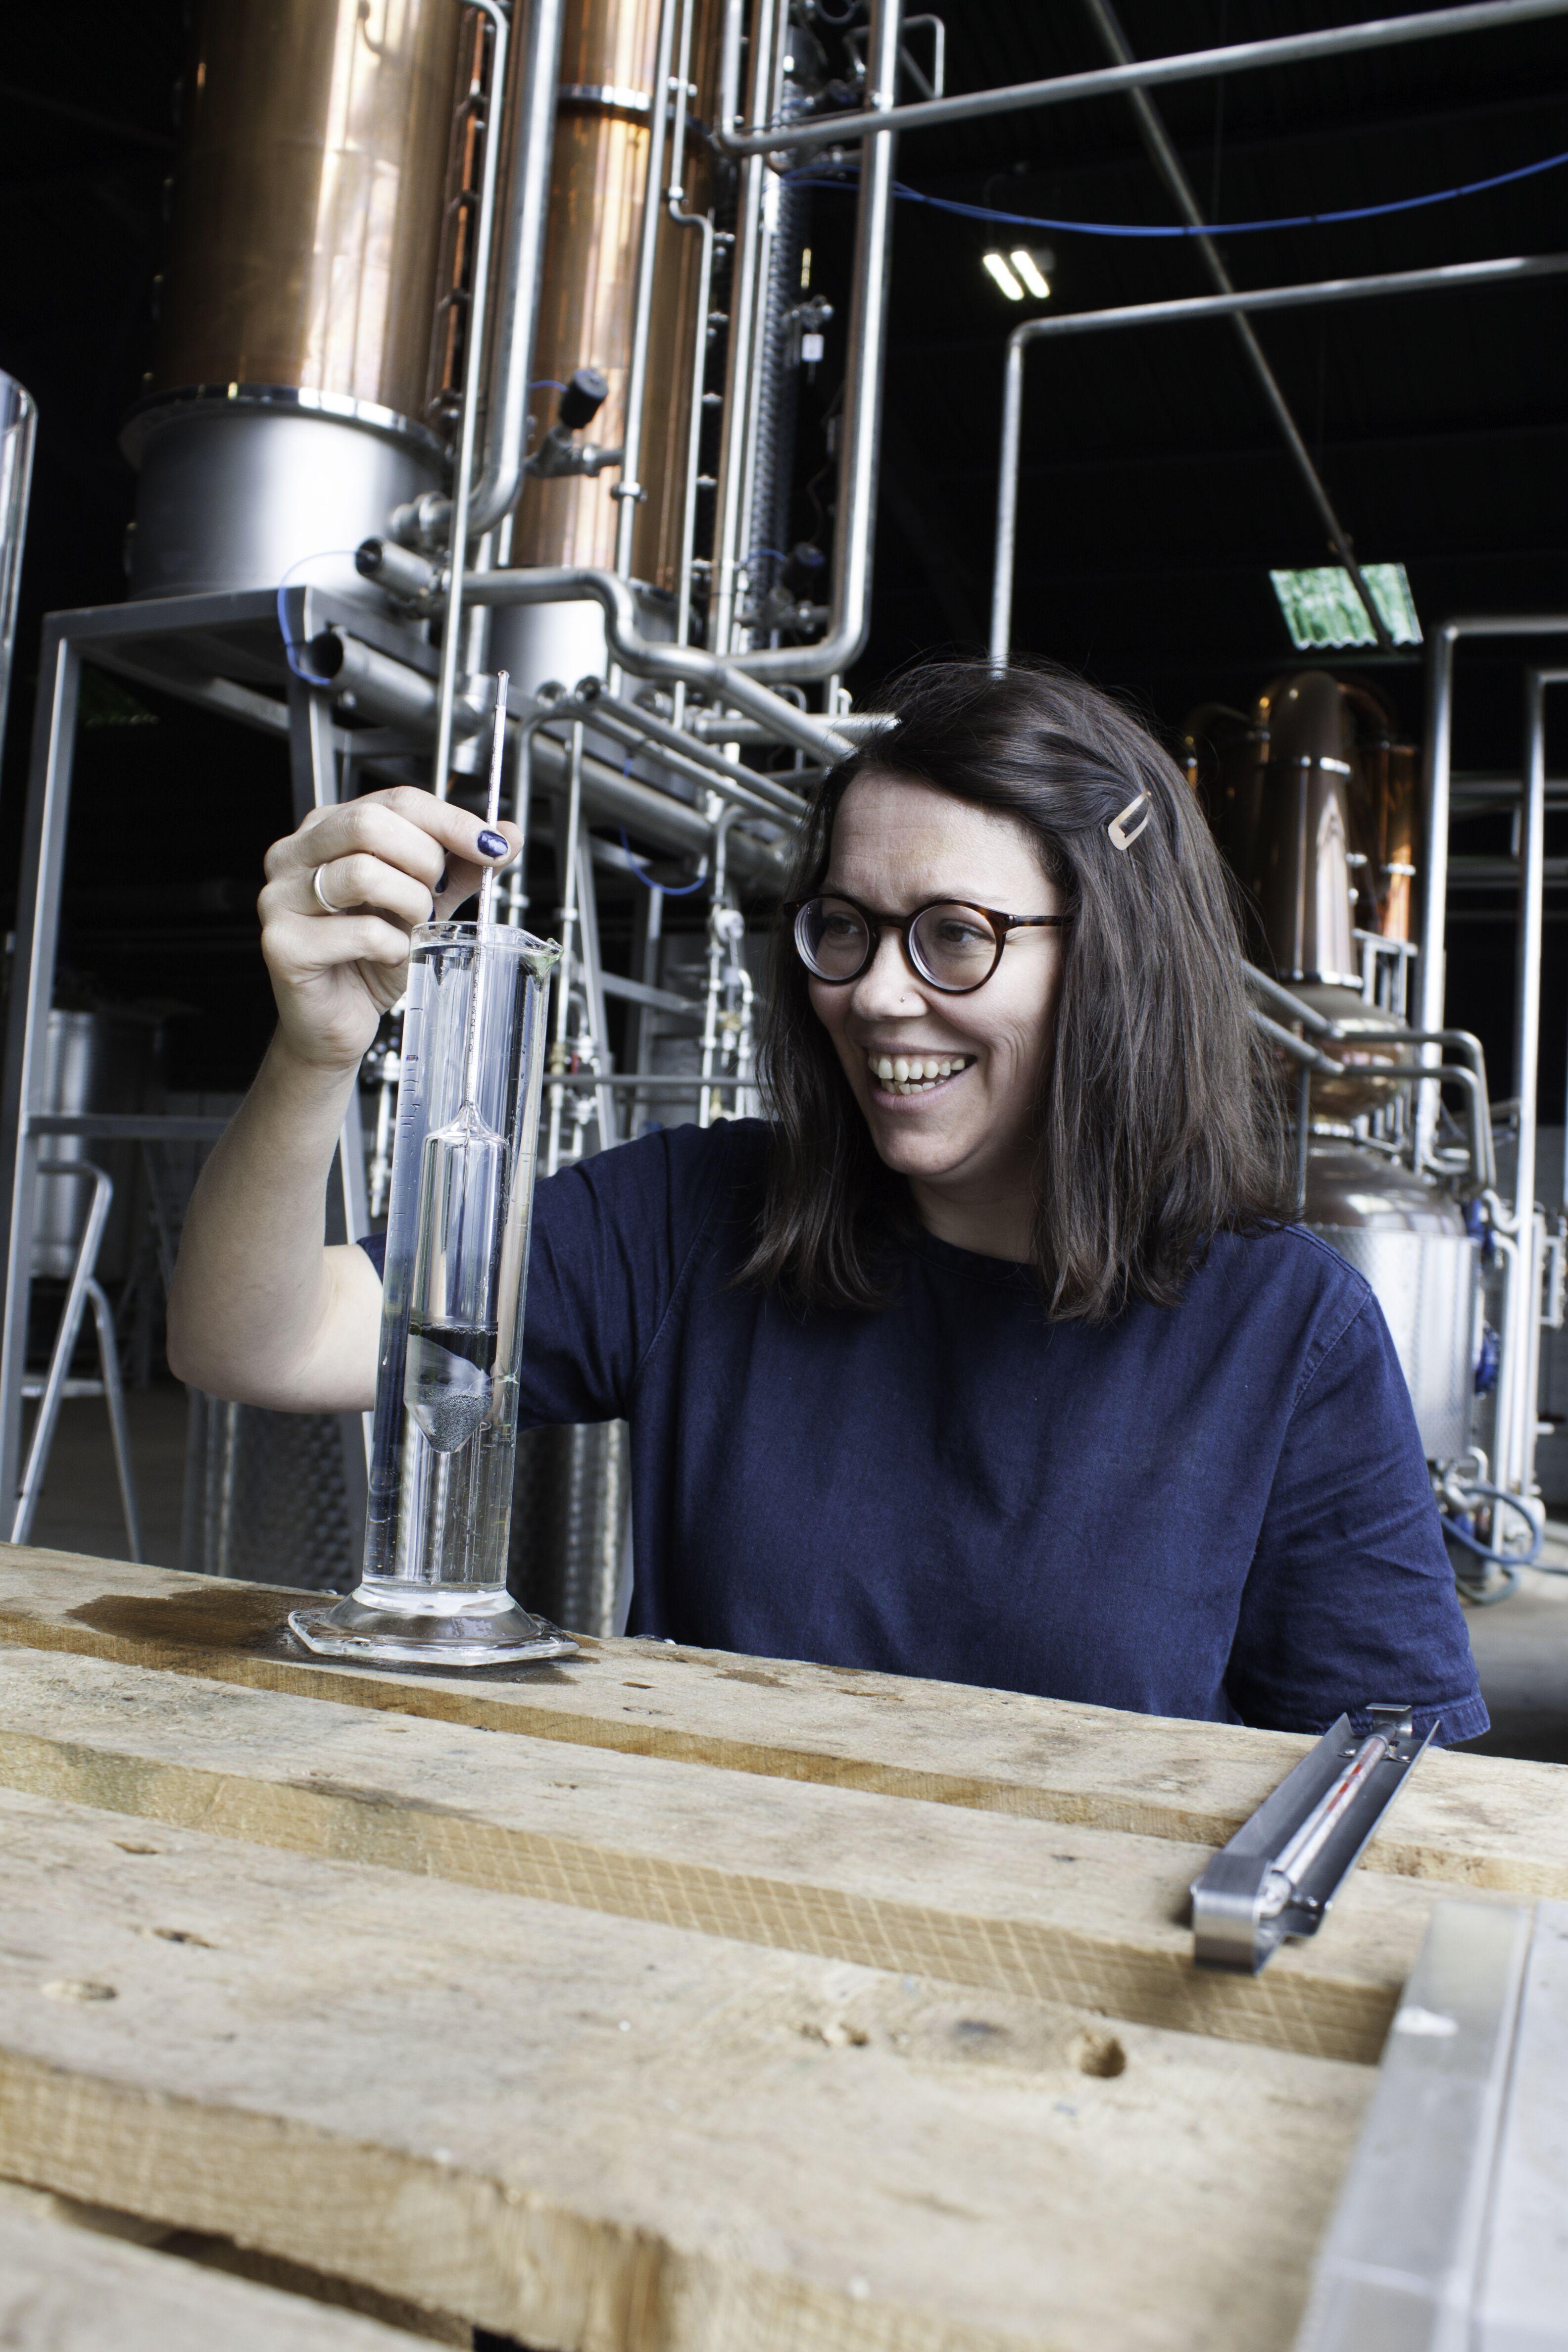 Arbikie Master Distiller Kirsty Black